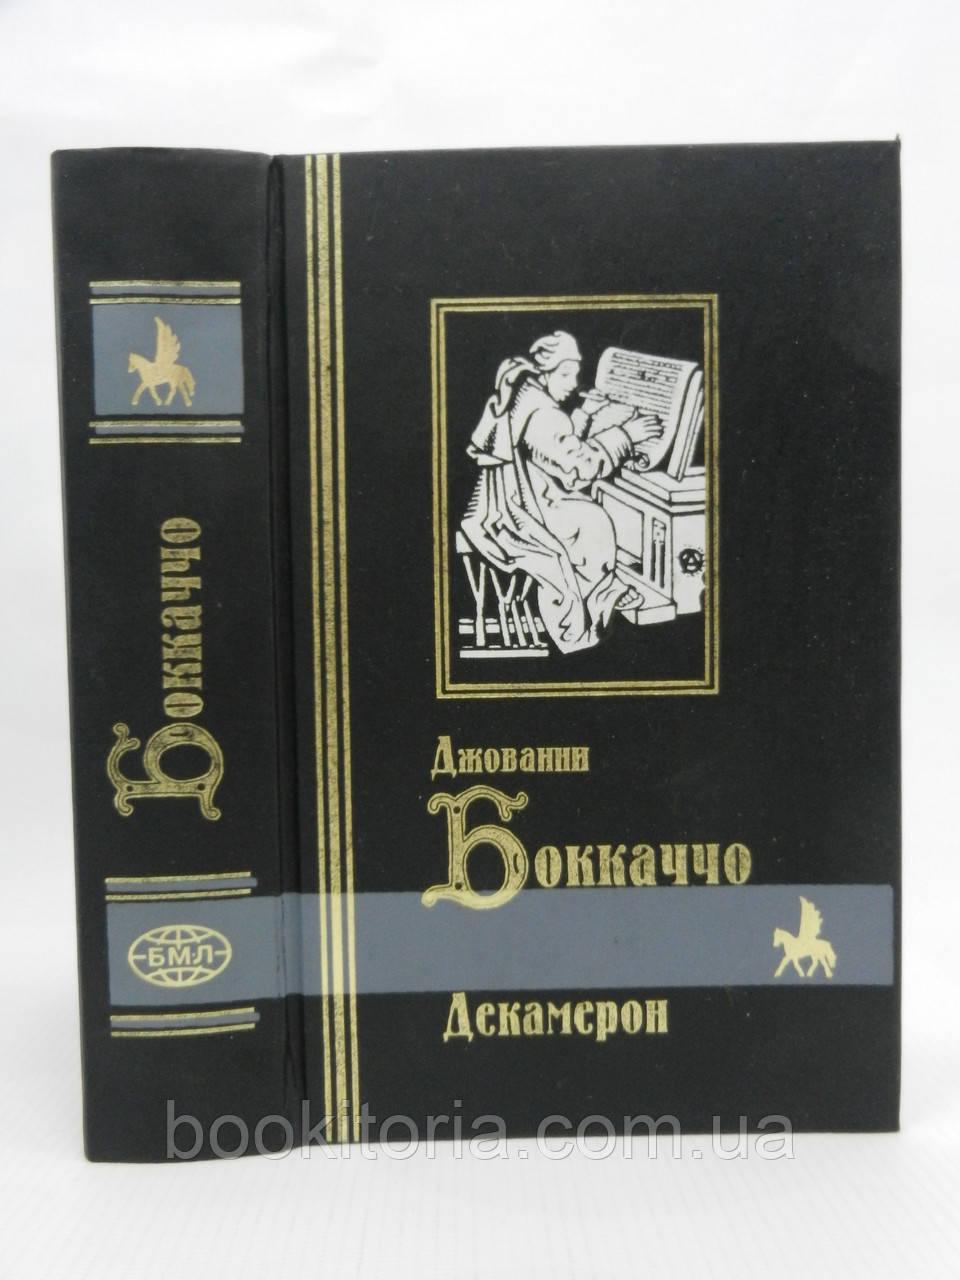 Боккаччо Д. Декамерон (полная версия, б/у).